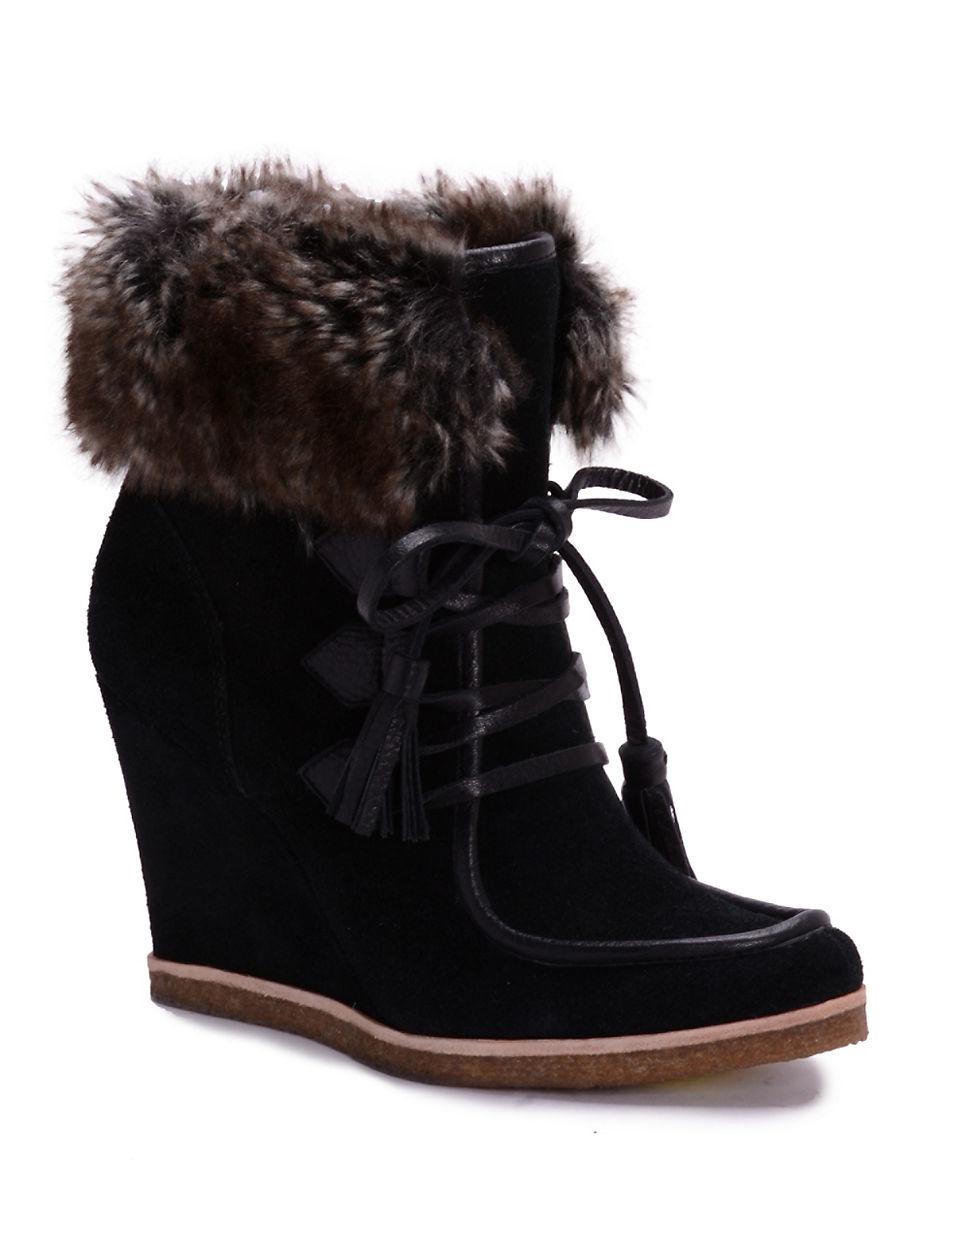 Women's Suede Boots   Debenhams